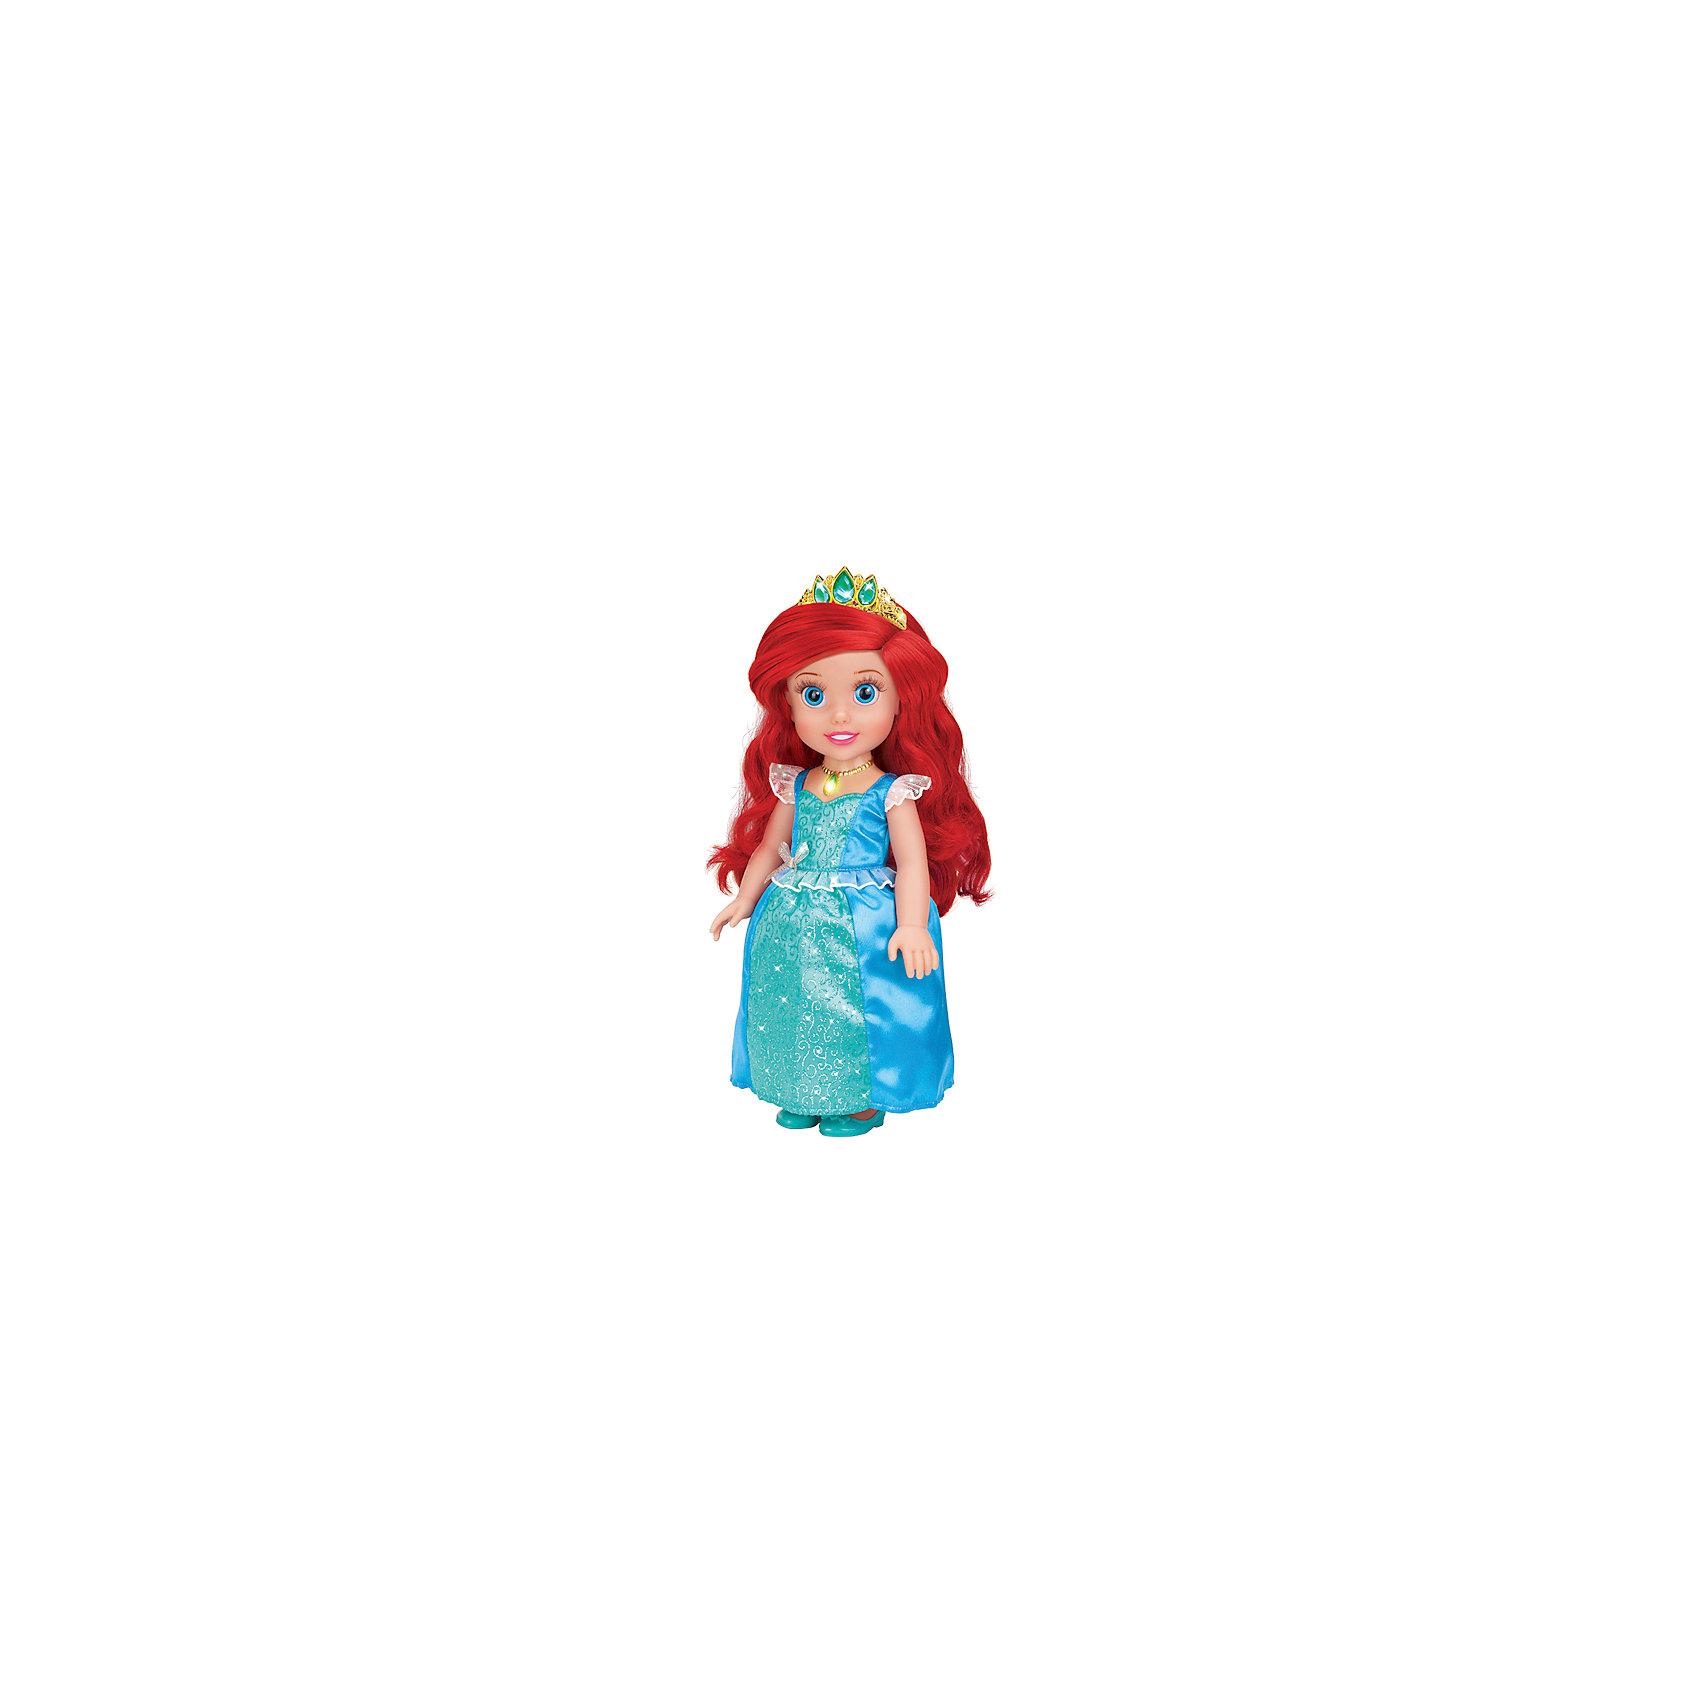 Кукла Ариэль со светящимся амулетом, 37 см, со звуком, Принцессы Дисней, КарапузИгрушки<br>Все малышки обожают диснеевские сказки про принцесс! Но до того, как русалочка стала взрослой, она была очаровательной малышкой, такой как куколка Ариэль из серии Disney Princess (Принцессы Диснея), Карапуз. Малышка Ариэль совершенно очаровательное создание: у нее выразительные глазки, длинные ресницы и целая копна шелковистых рыжих волос.  Девочка будет с восхищением расчесывать свою маленькую принцессу, переодевать и слушать замечательную песенку.  Как у любой принцессы у куколки есть драгоценная тиара и волшебный светящийся амулет. Прекрасное платьице малышки можно снимать и придумывать ей другие наряды, еще Ариэль умеет говорить! <br><br>Дополнительная информация:<br><br>- Комплект: кукла, амулет, диадема, туфельки;<br>- Куколка говорит фразу и поет песенку;<br>- Куколка создана по мотивам мультфильмов Disney (Дисней);<br>- Работает от  батареек: 3 х AG3 / LR41 (таблетки);<br>- Материал: пластик, текстиль;<br>- Прекрасная детализация;<br>- Ручки и ножки подвижны;<br>- Высота куколки: 37 см;<br>- Вес: 920 г<br><br>Куклу Ариэль со светящимся амулетом, 37 см, со звуком,  Disney Princess (Принцессы Диснея), Карапуз можно купить в нашем интернет-магазине.<br><br>Ширина мм: 220<br>Глубина мм: 400<br>Высота мм: 130<br>Вес г: 920<br>Возраст от месяцев: 36<br>Возраст до месяцев: 84<br>Пол: Женский<br>Возраст: Детский<br>SKU: 3996822